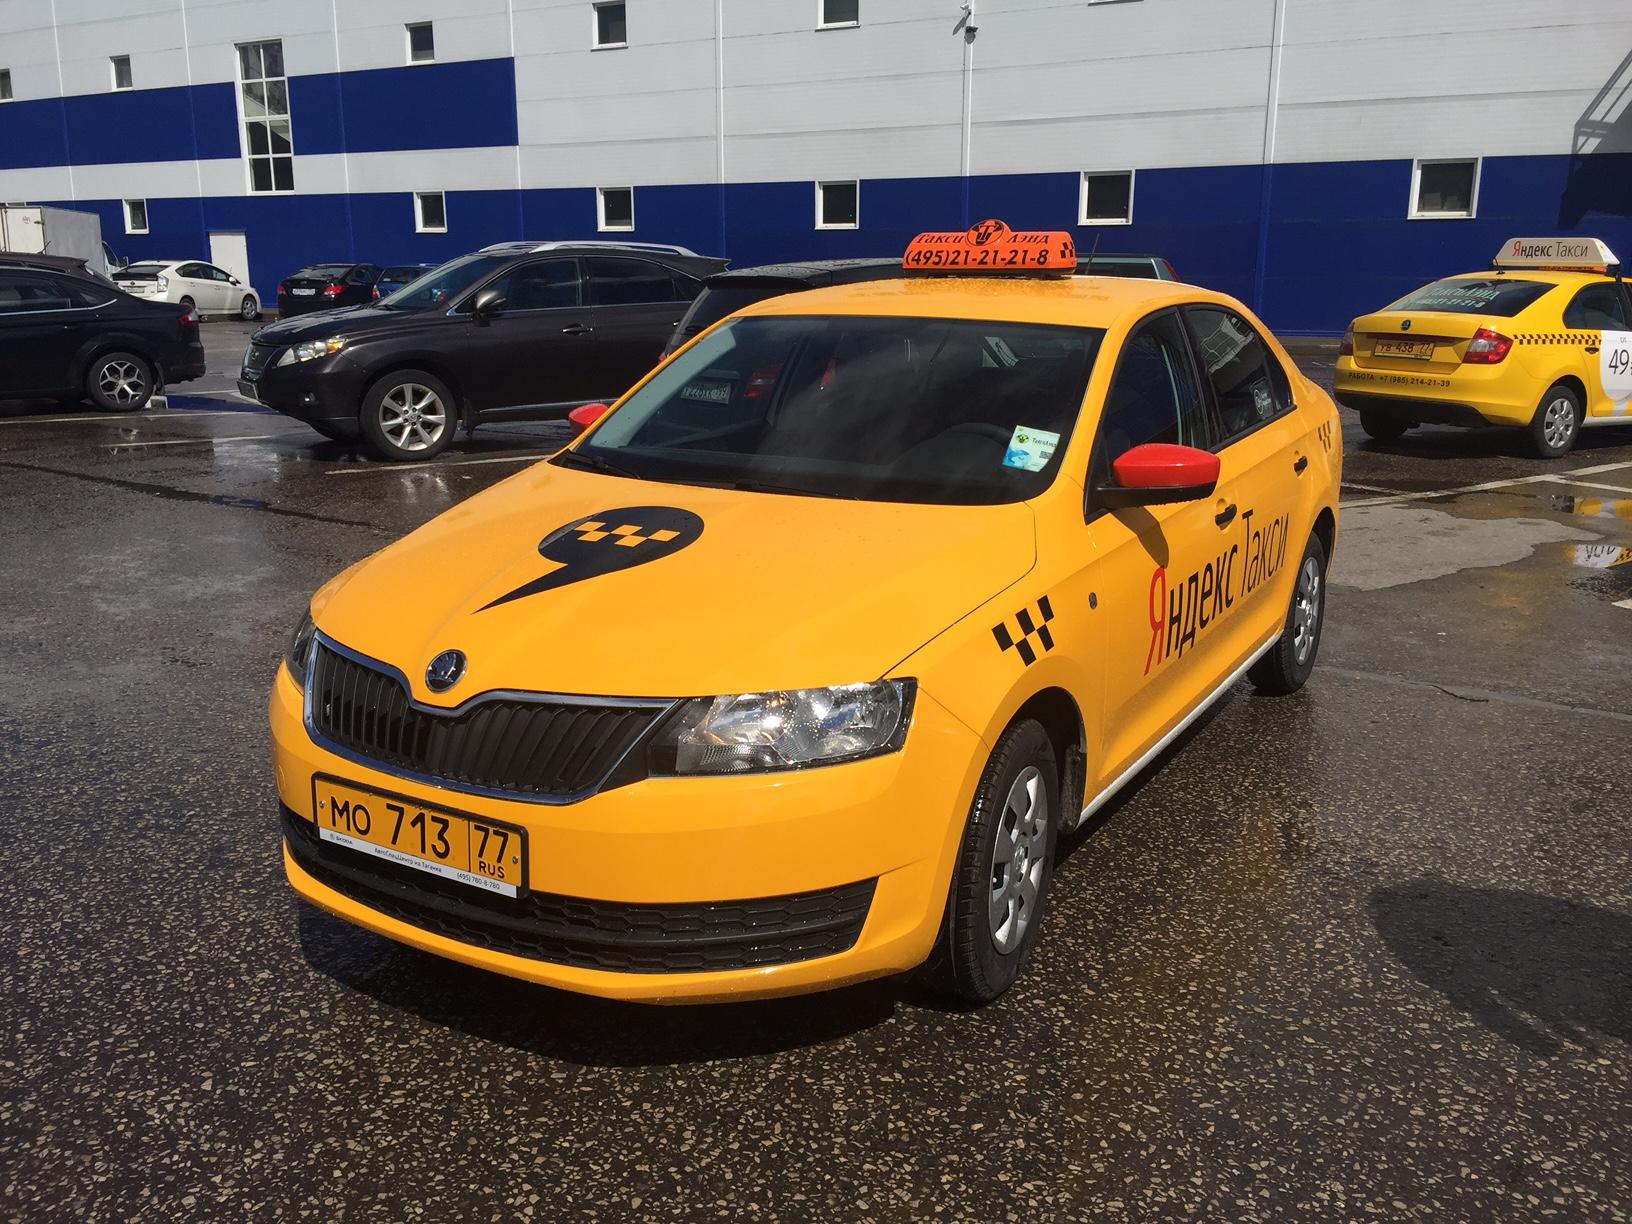 Автокод помогает выбрать автомобиль для работы в такси экном-класса, бизнес-класса и такси повышенной вместимости.